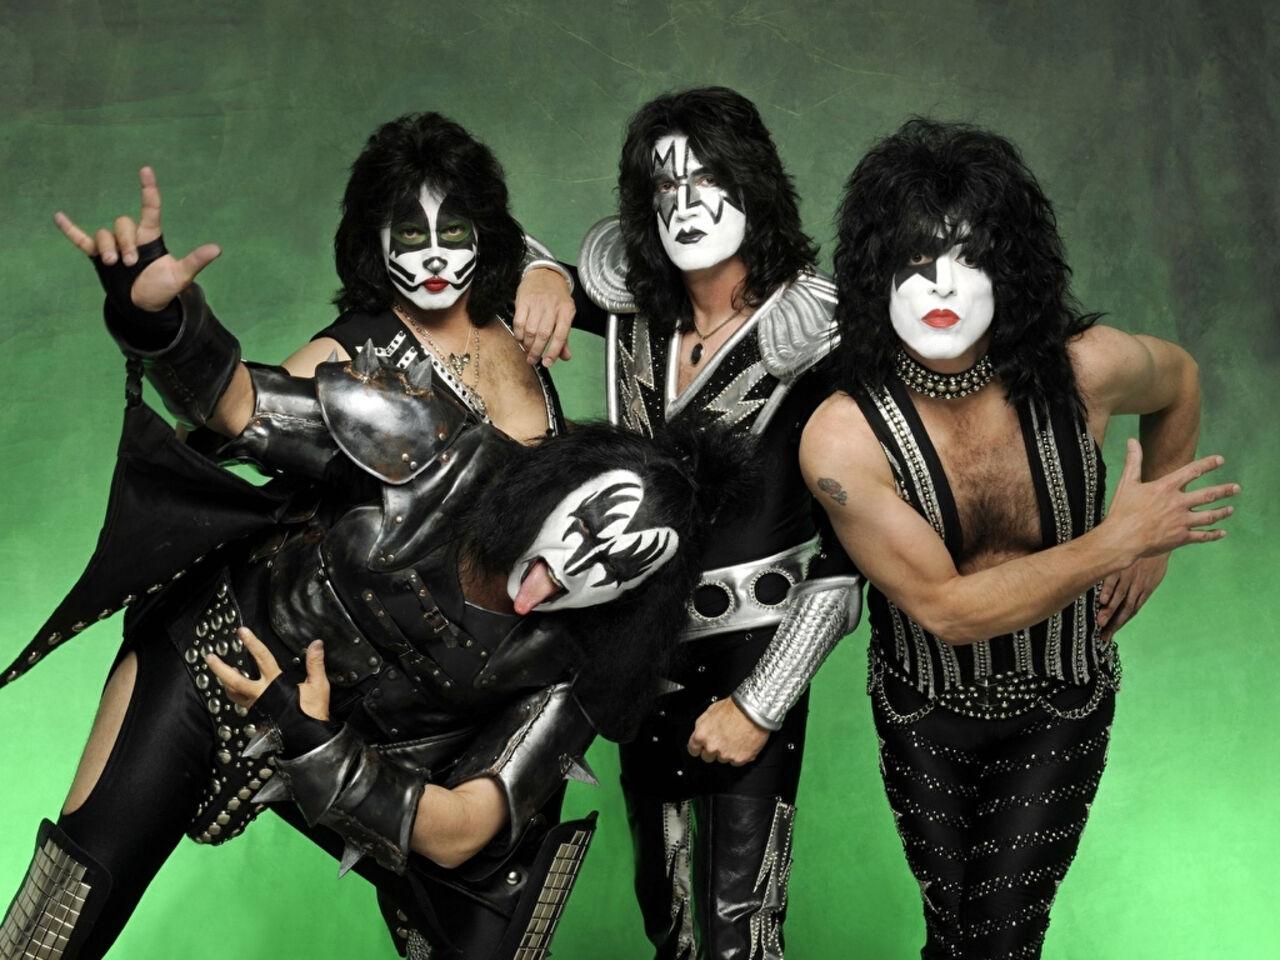 Американская рок-группа Kiss выступит в Петербурге в рамках своего последнего тура. Об этом сообщил портал'78